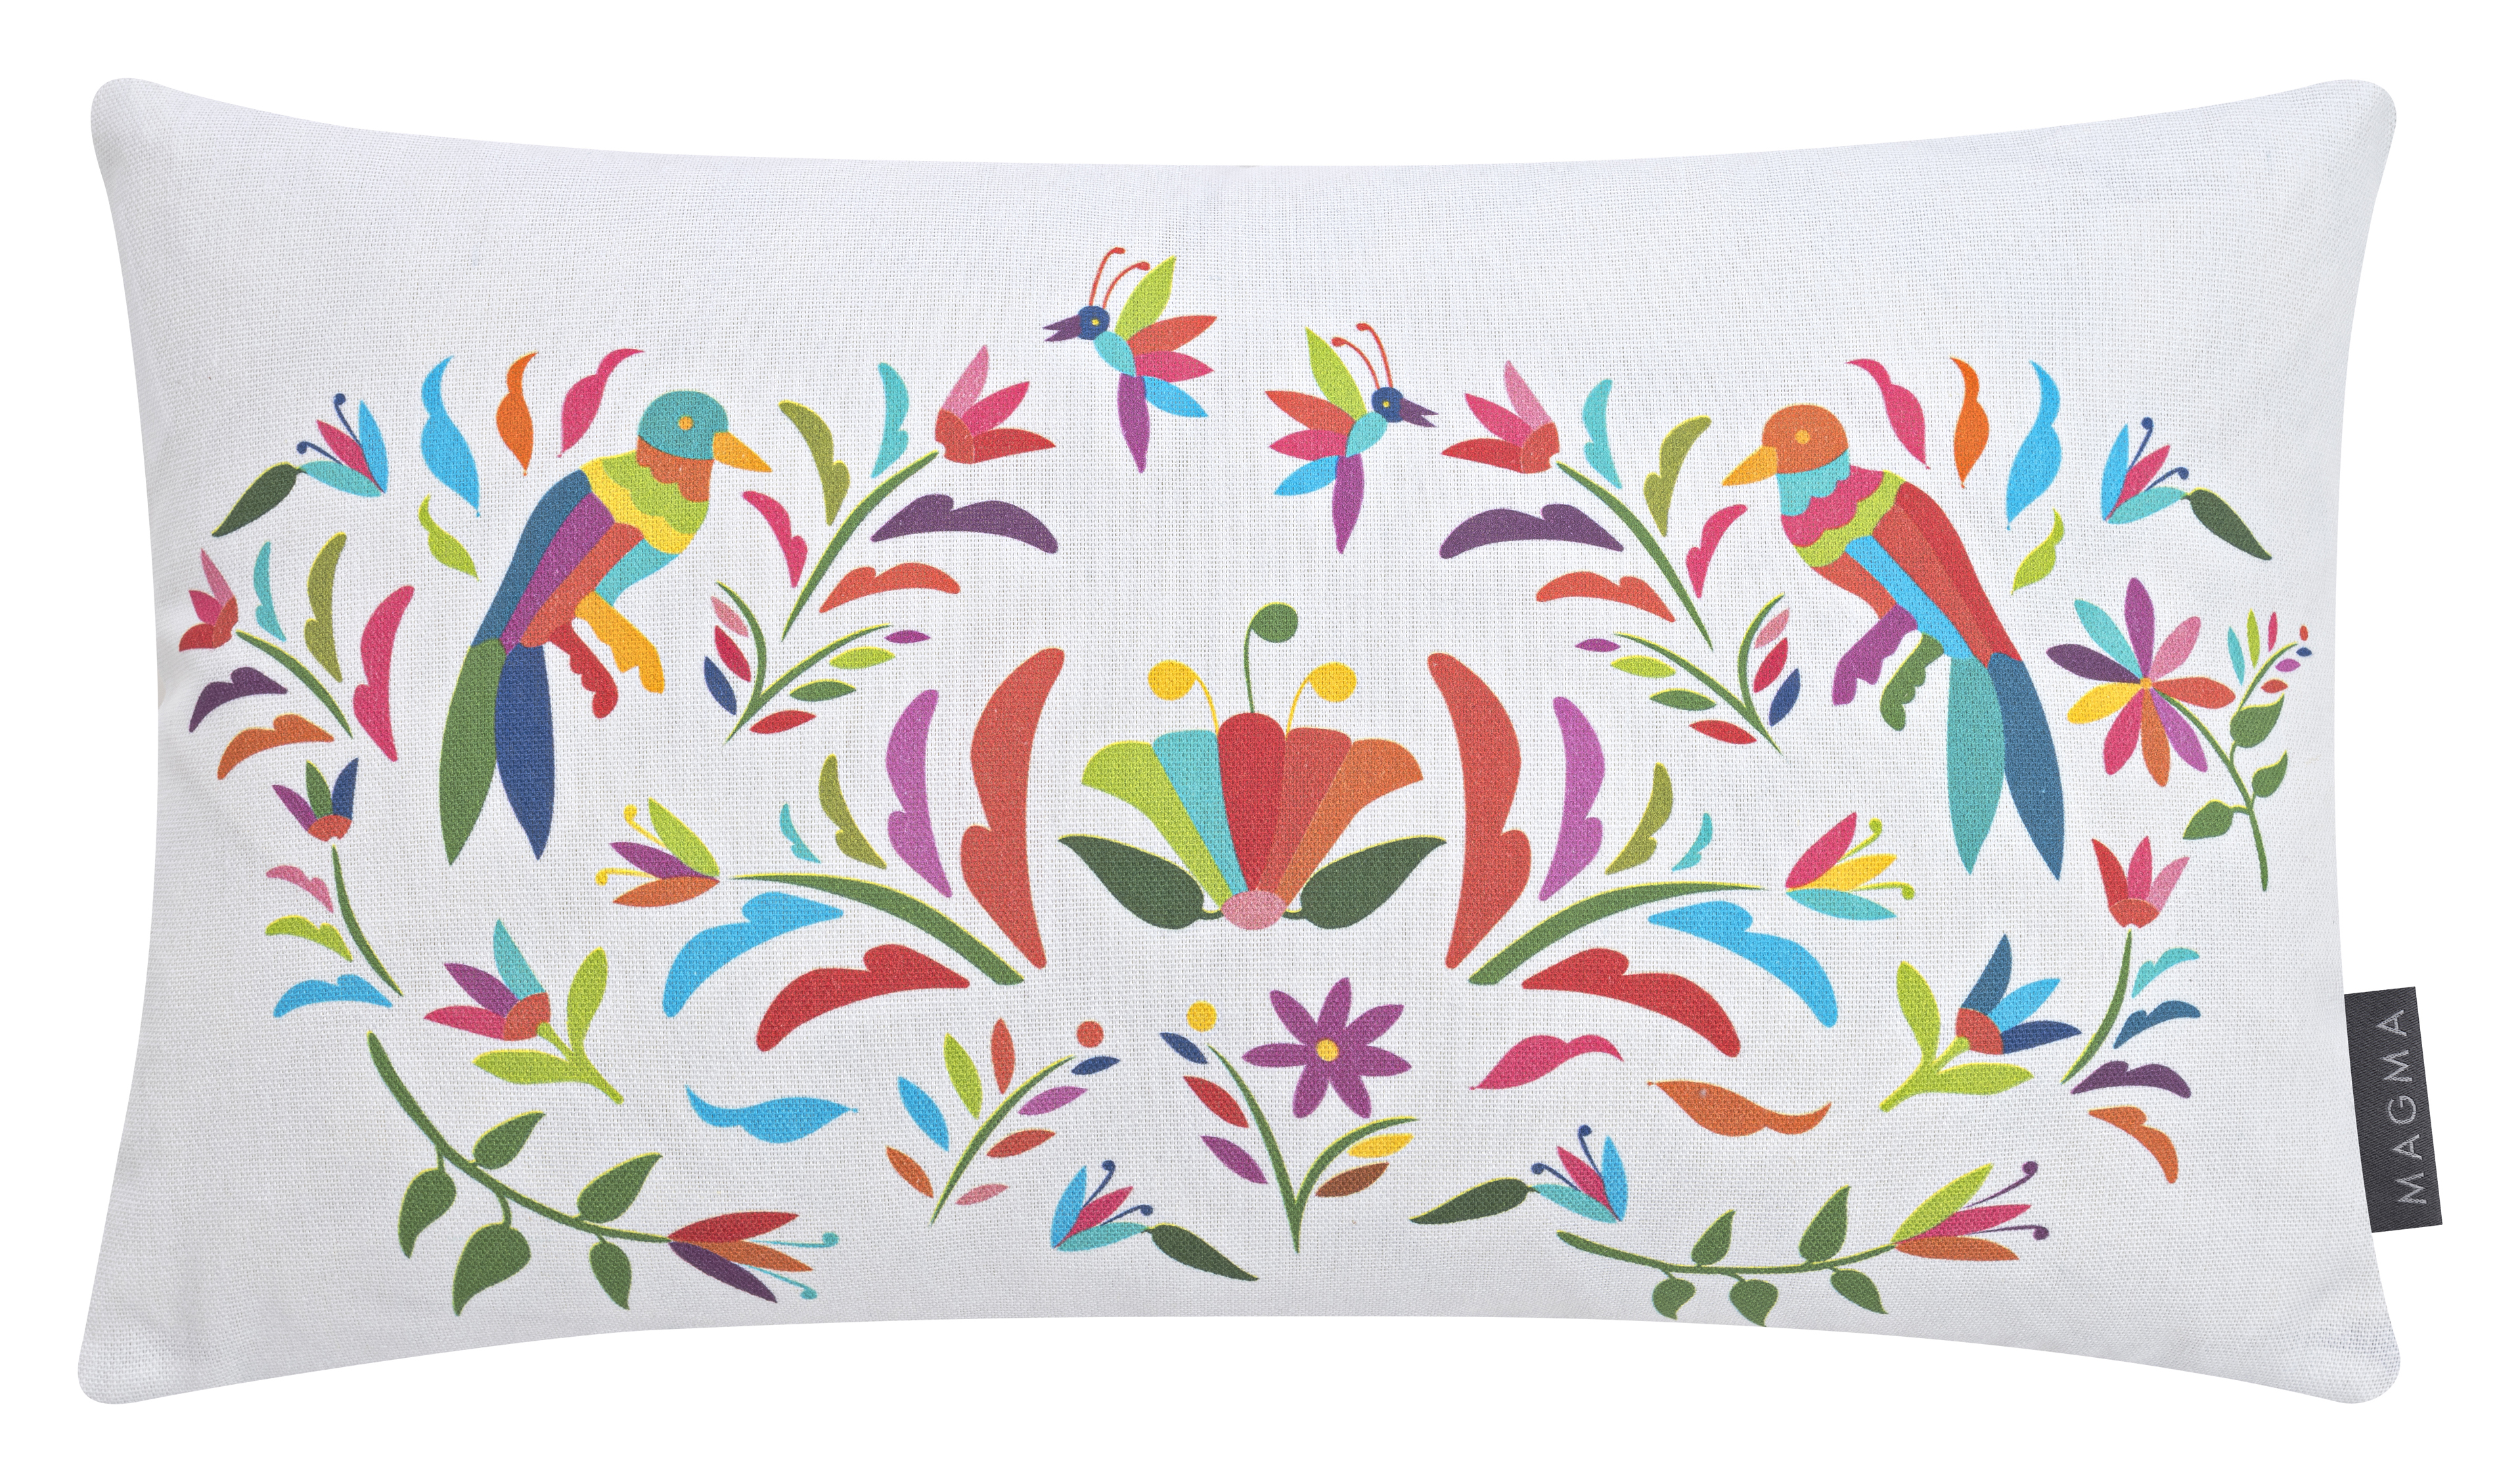 Housses de coussin animaux multicolores coton 50x30 - Lot de 2